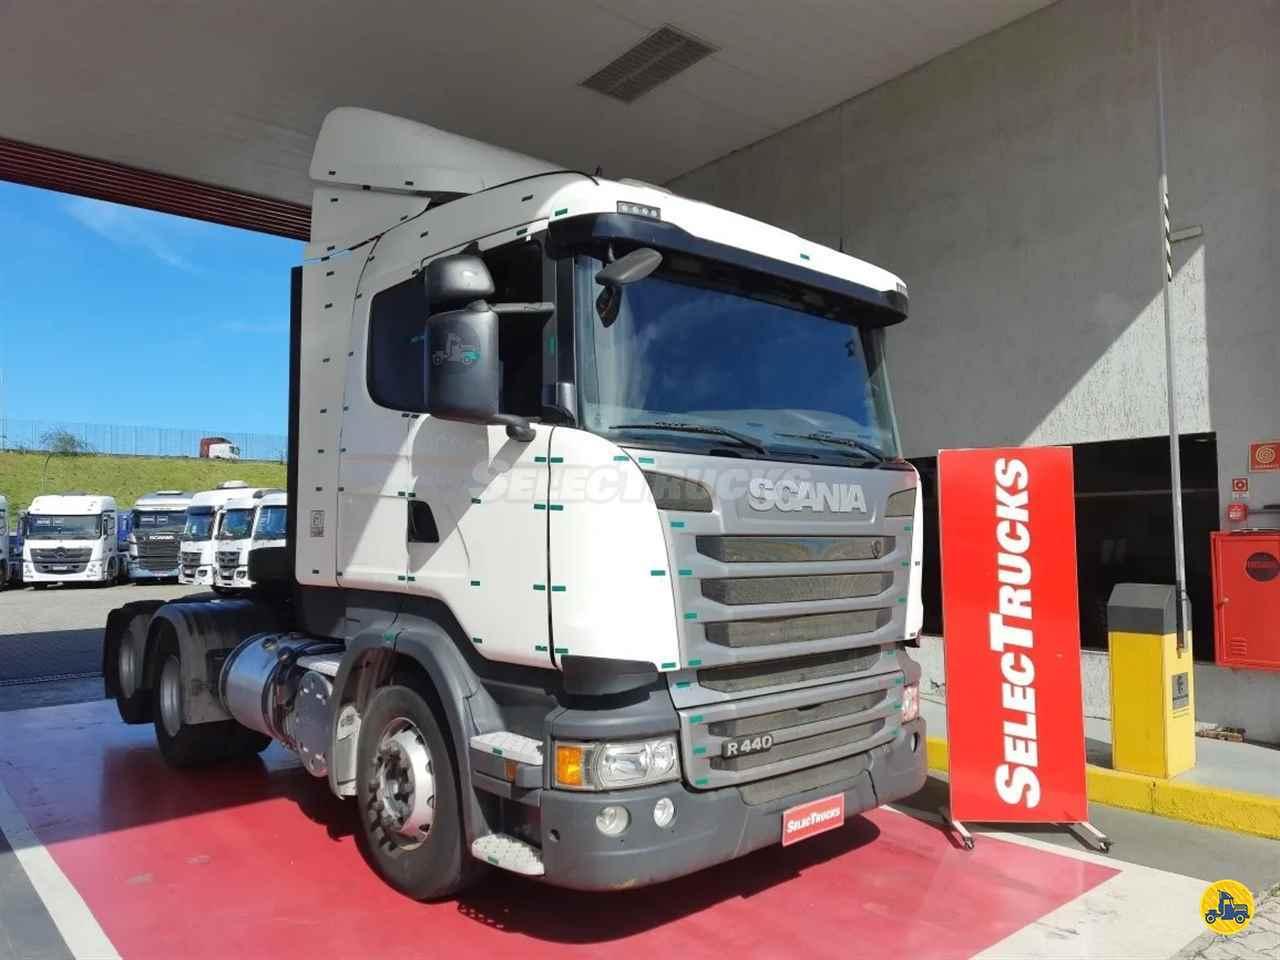 CAMINHAO SCANIA SCANIA 440 Cavalo Mecânico Truck 6x2 SelecTrucks - Mauá SP - Matriz  MAUA SÃO PAULO SP